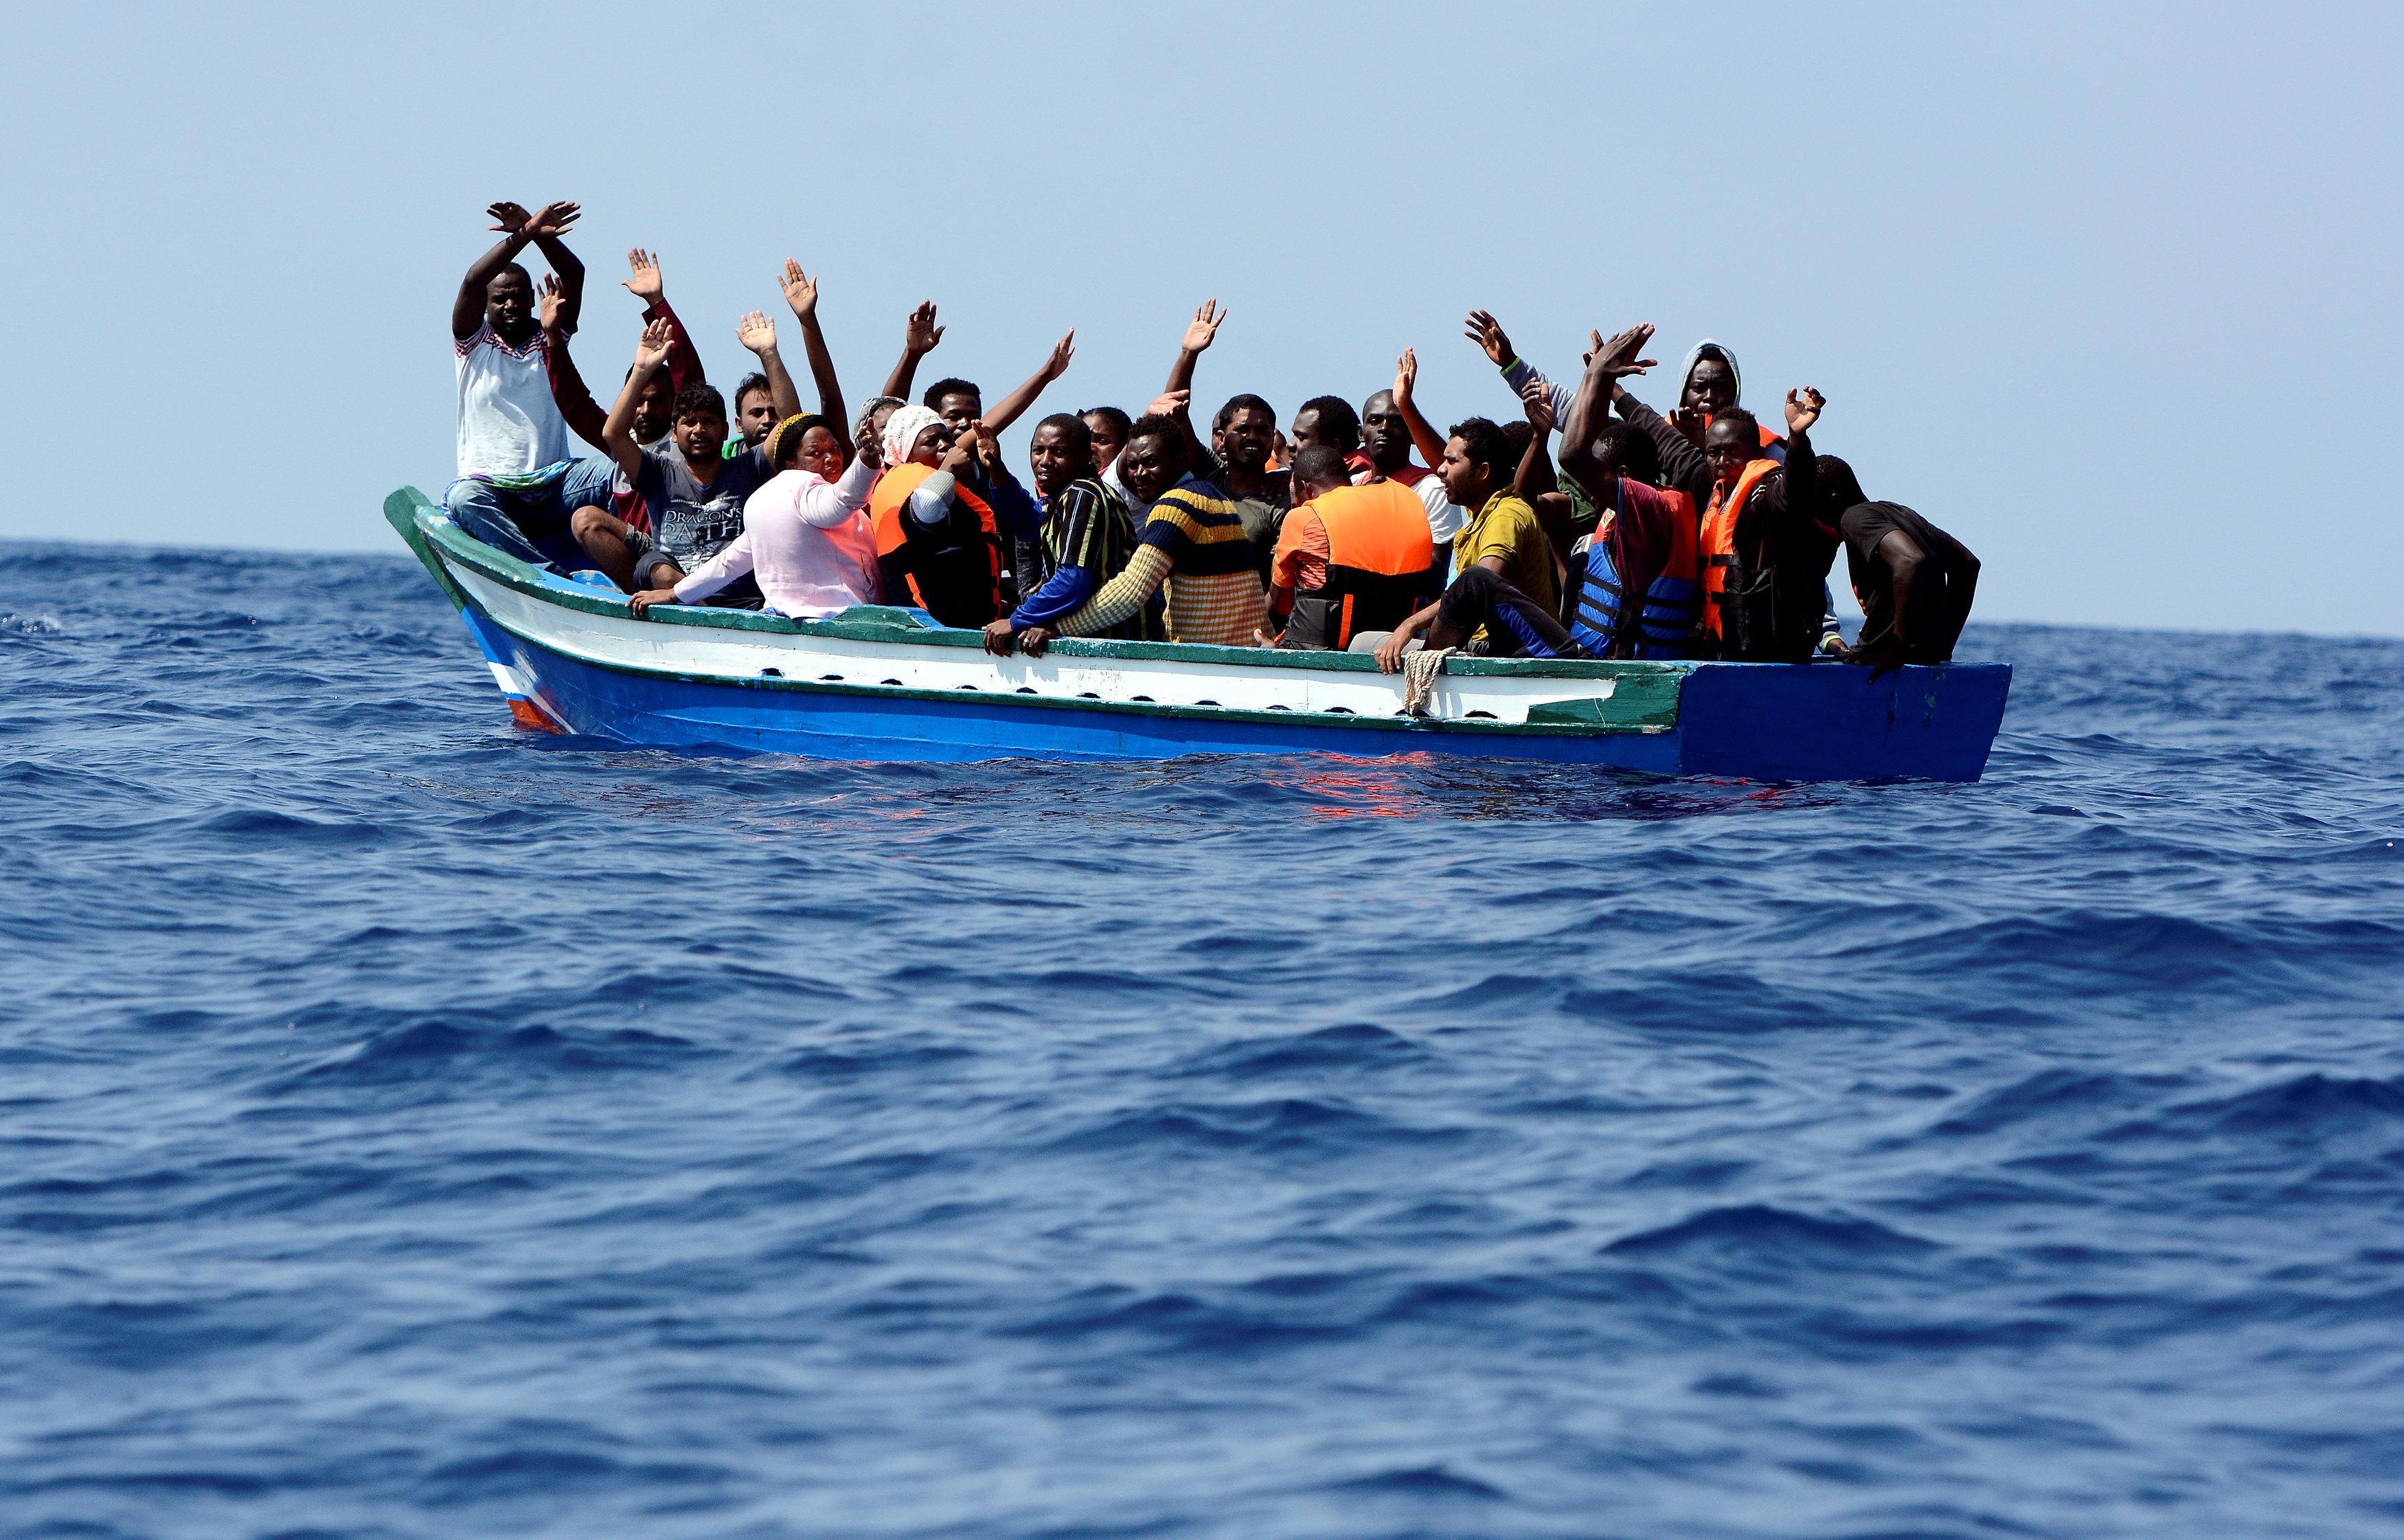 المهاجرون فى عرض البحر المتوسط